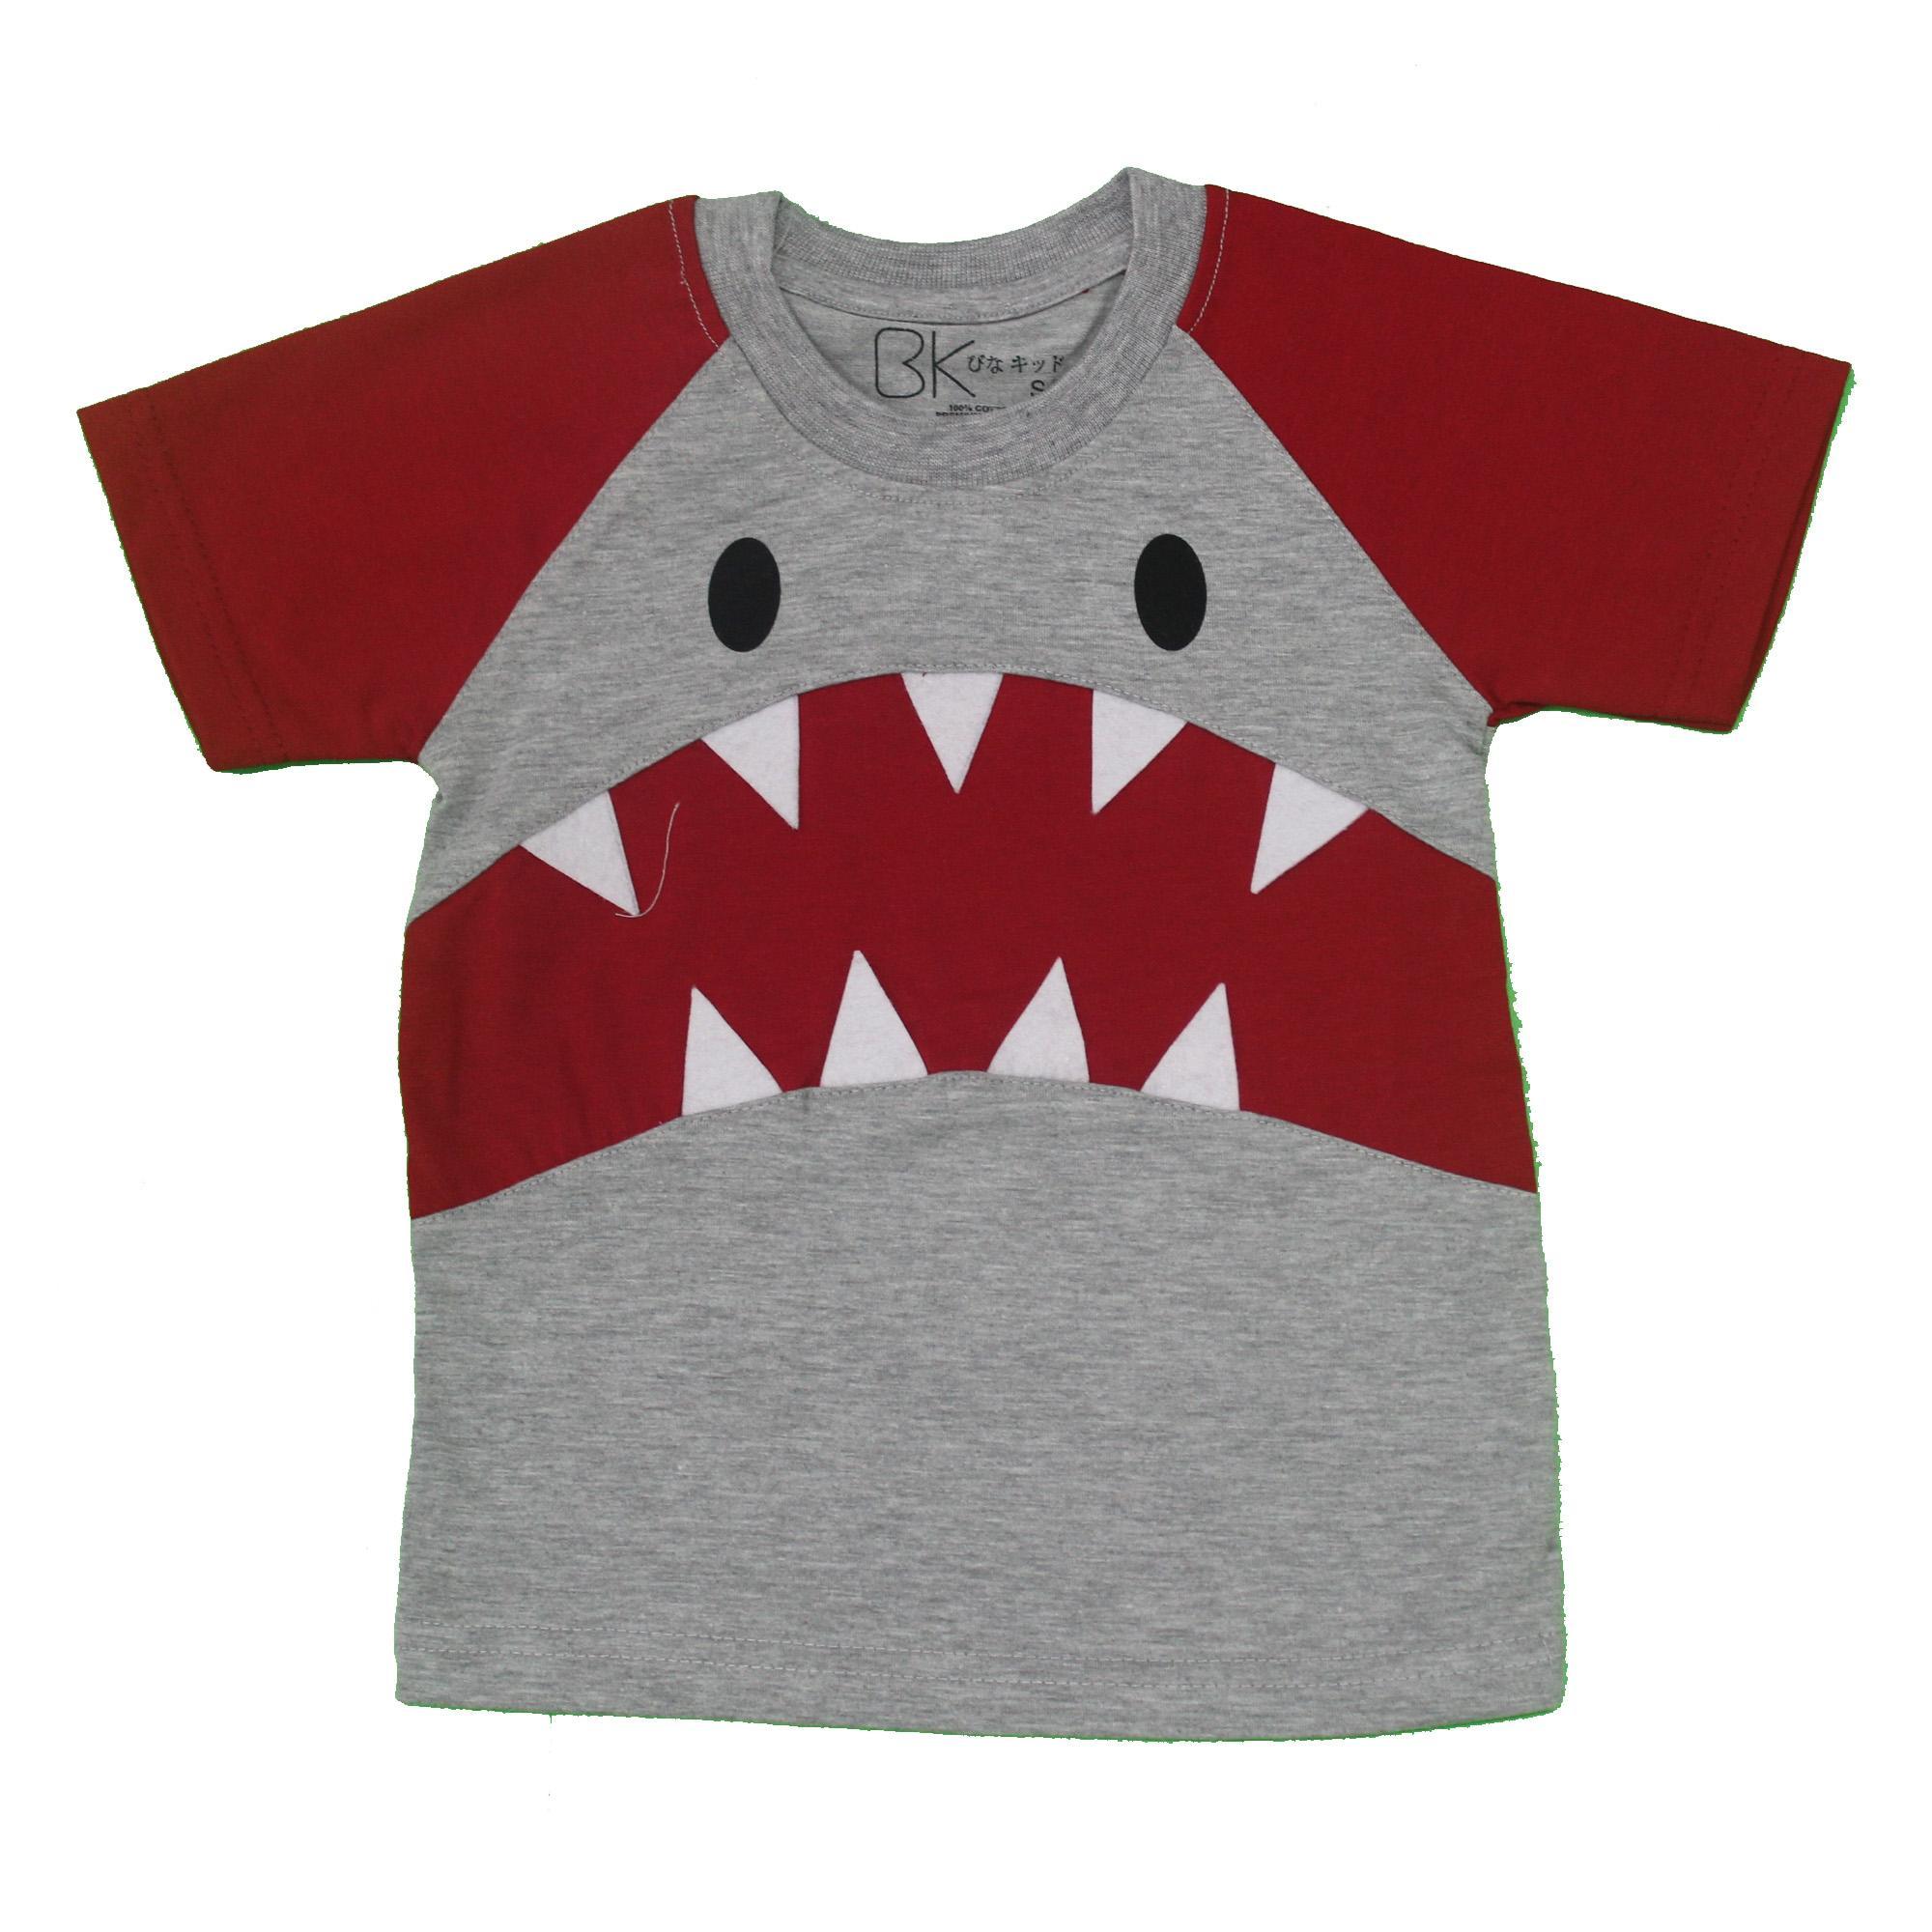 6 bln - 2 thn - Echo Kids - Pakaian Baju Kaos Katun Anak Laki Cowo